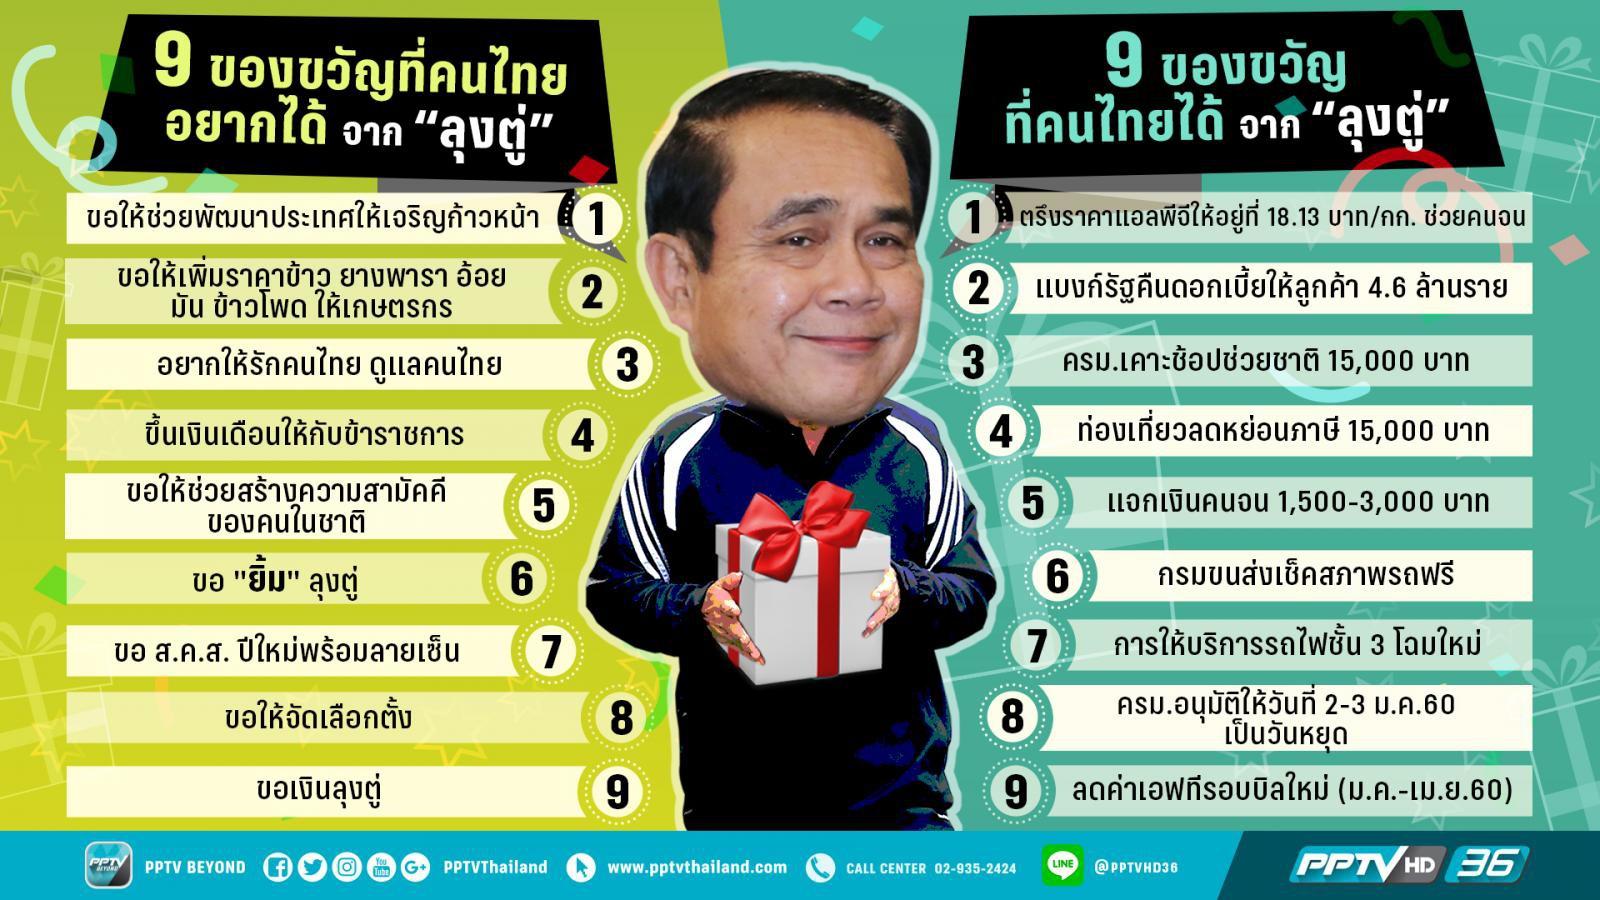 """9 ของขวัญ จาก """"ลุงตู่""""  และ 9 ของขวัญที่คนไทยอยากได้"""